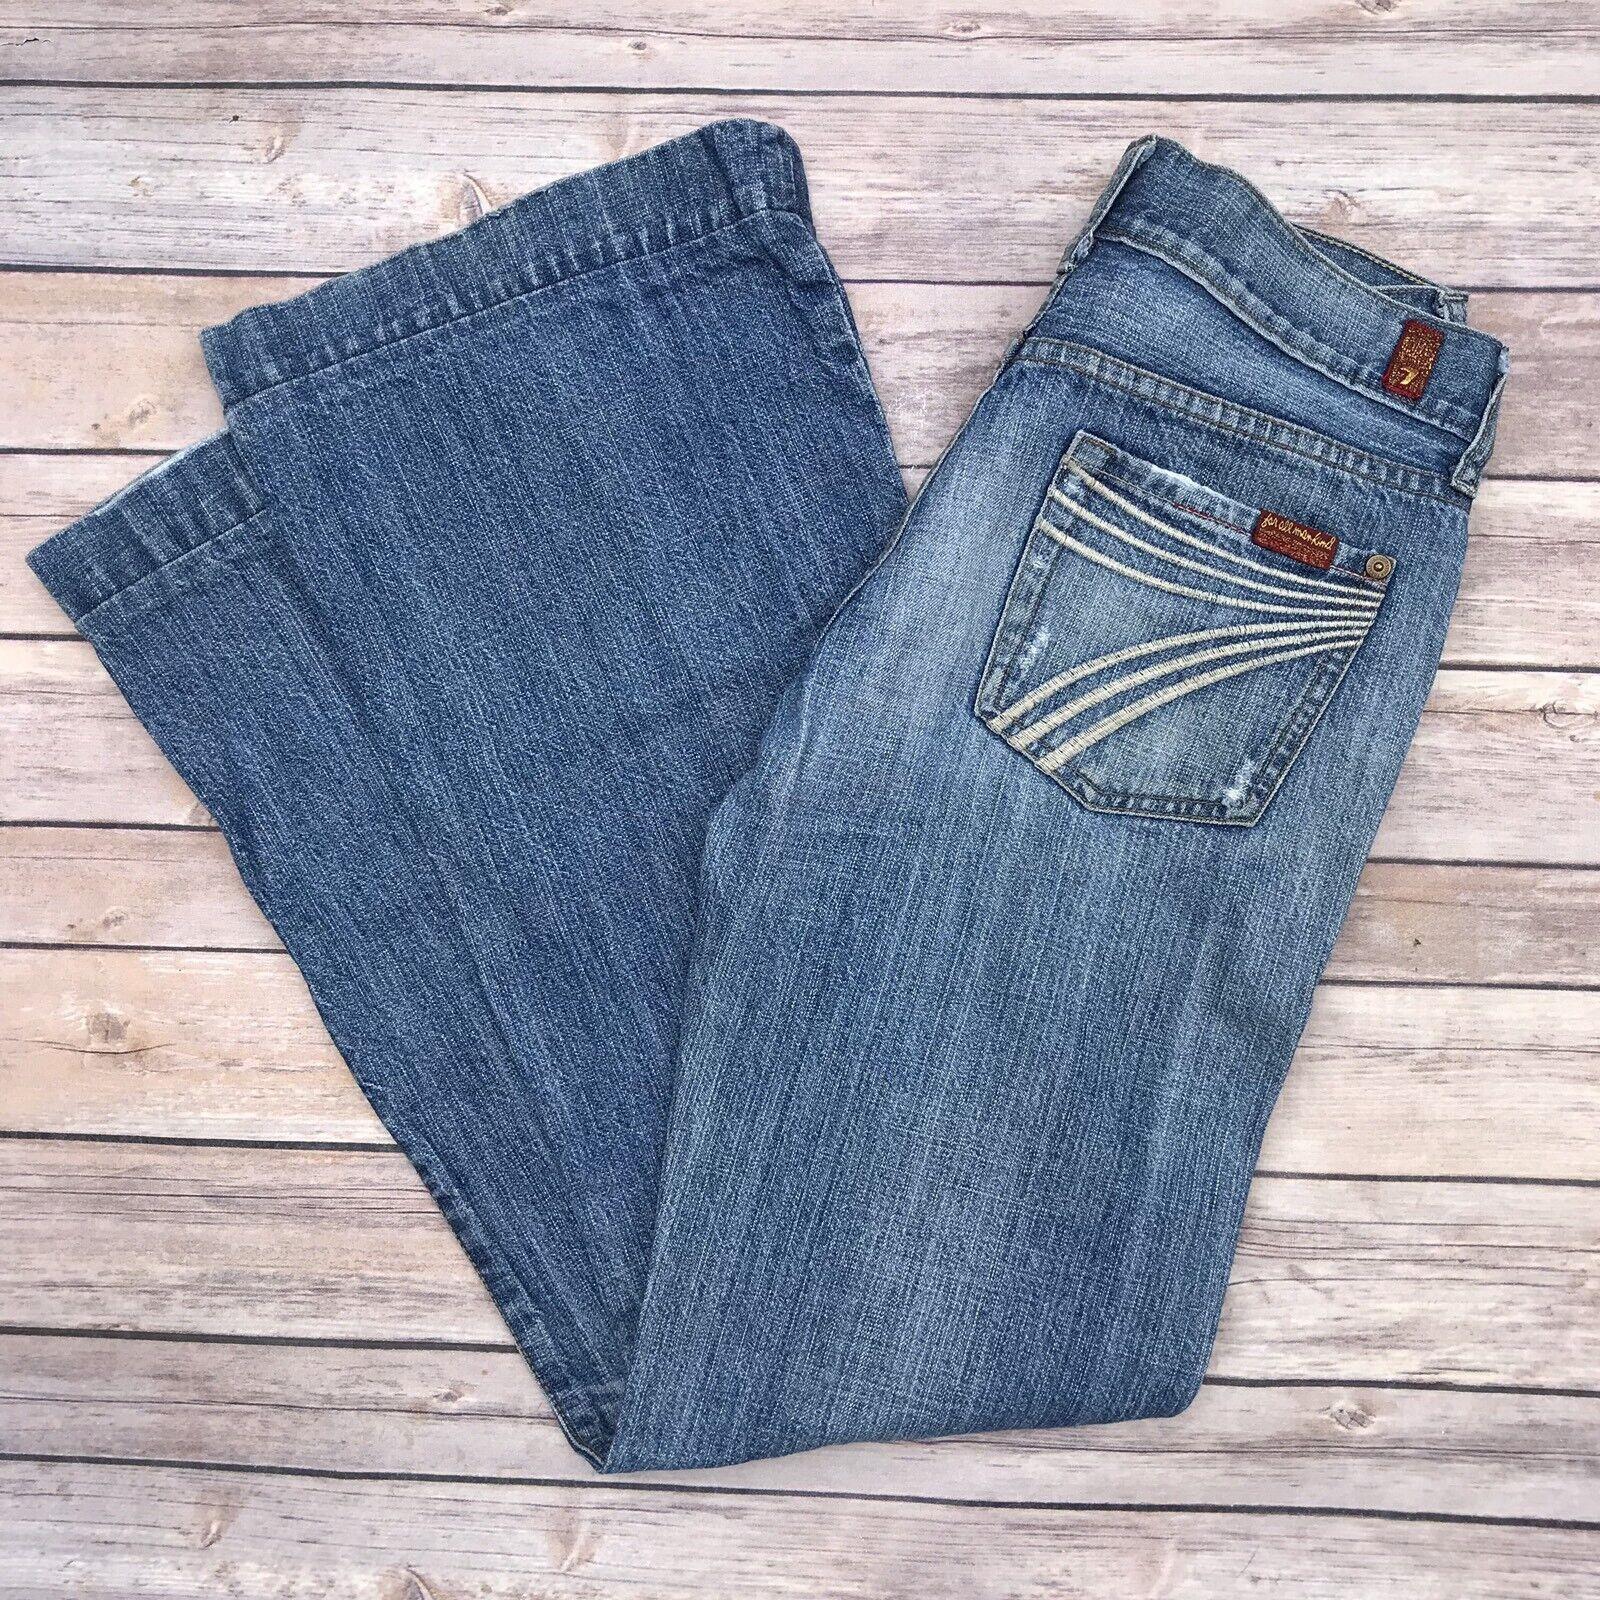 7 For All Mankind Jeans Größe 26 Dojo Flare